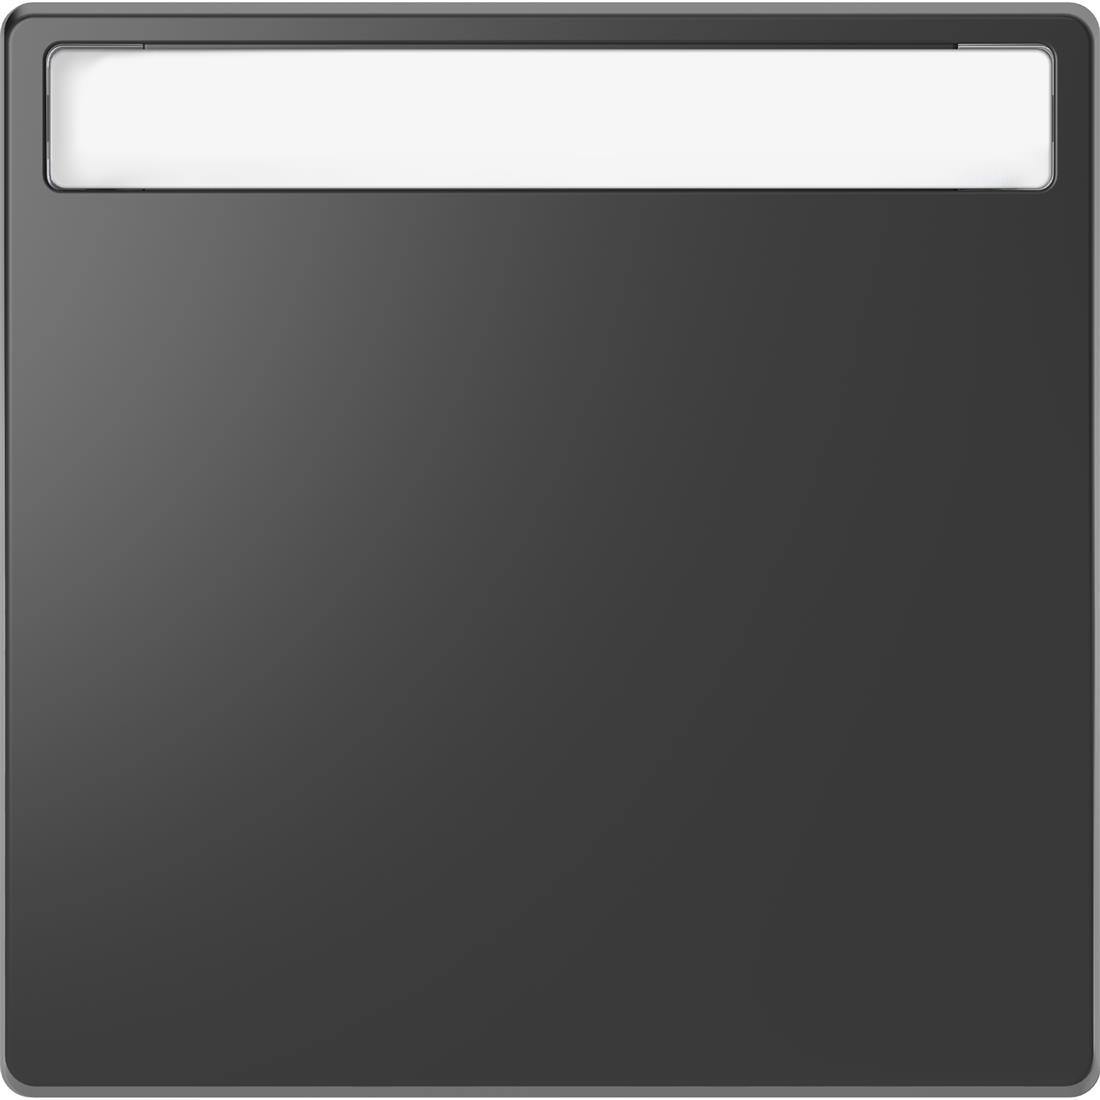 Schneider-Merten D Life wisselwip met controlevenster - antraciet (MTN3360-6034)